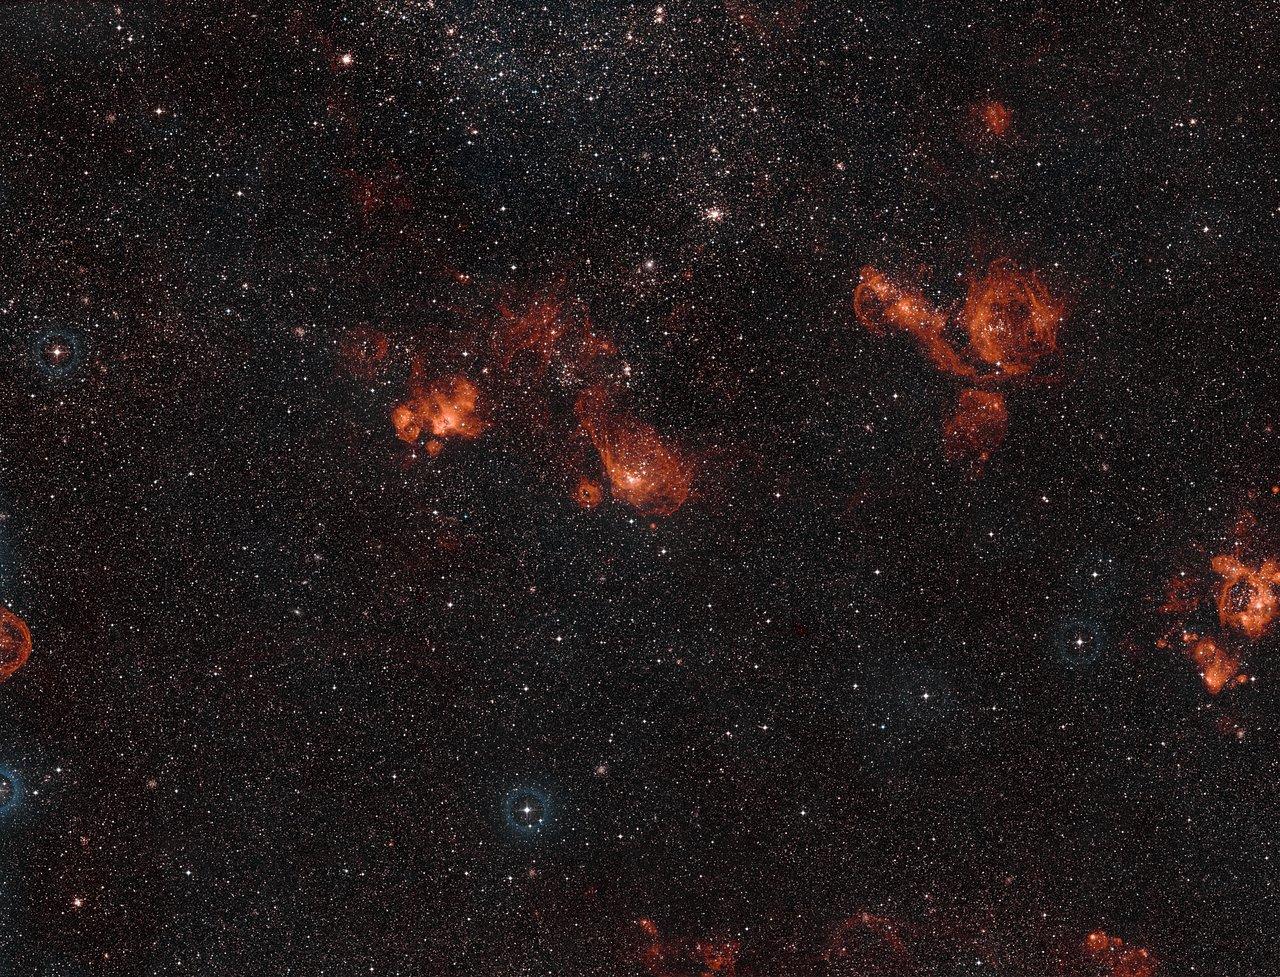 Overzichtsfoto van NGC 2014 en NGC 2020 in de Grote Magelhaense Wolk